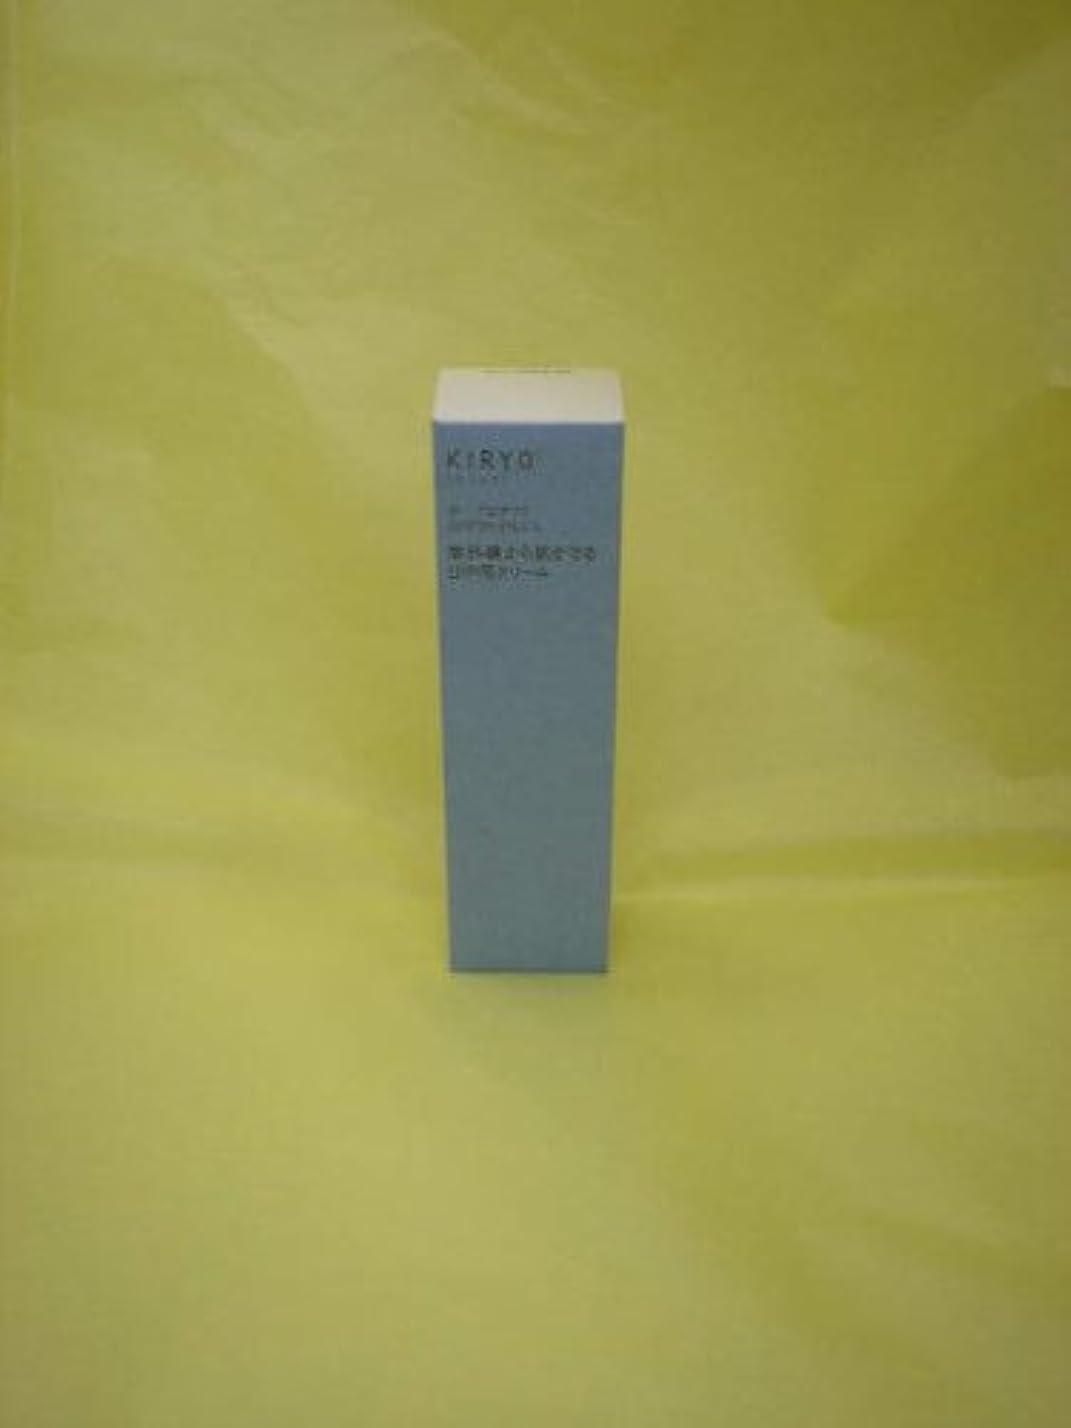 クスコペイン限界キリョウ デ-プロテクト 30g( 植物派化粧品)